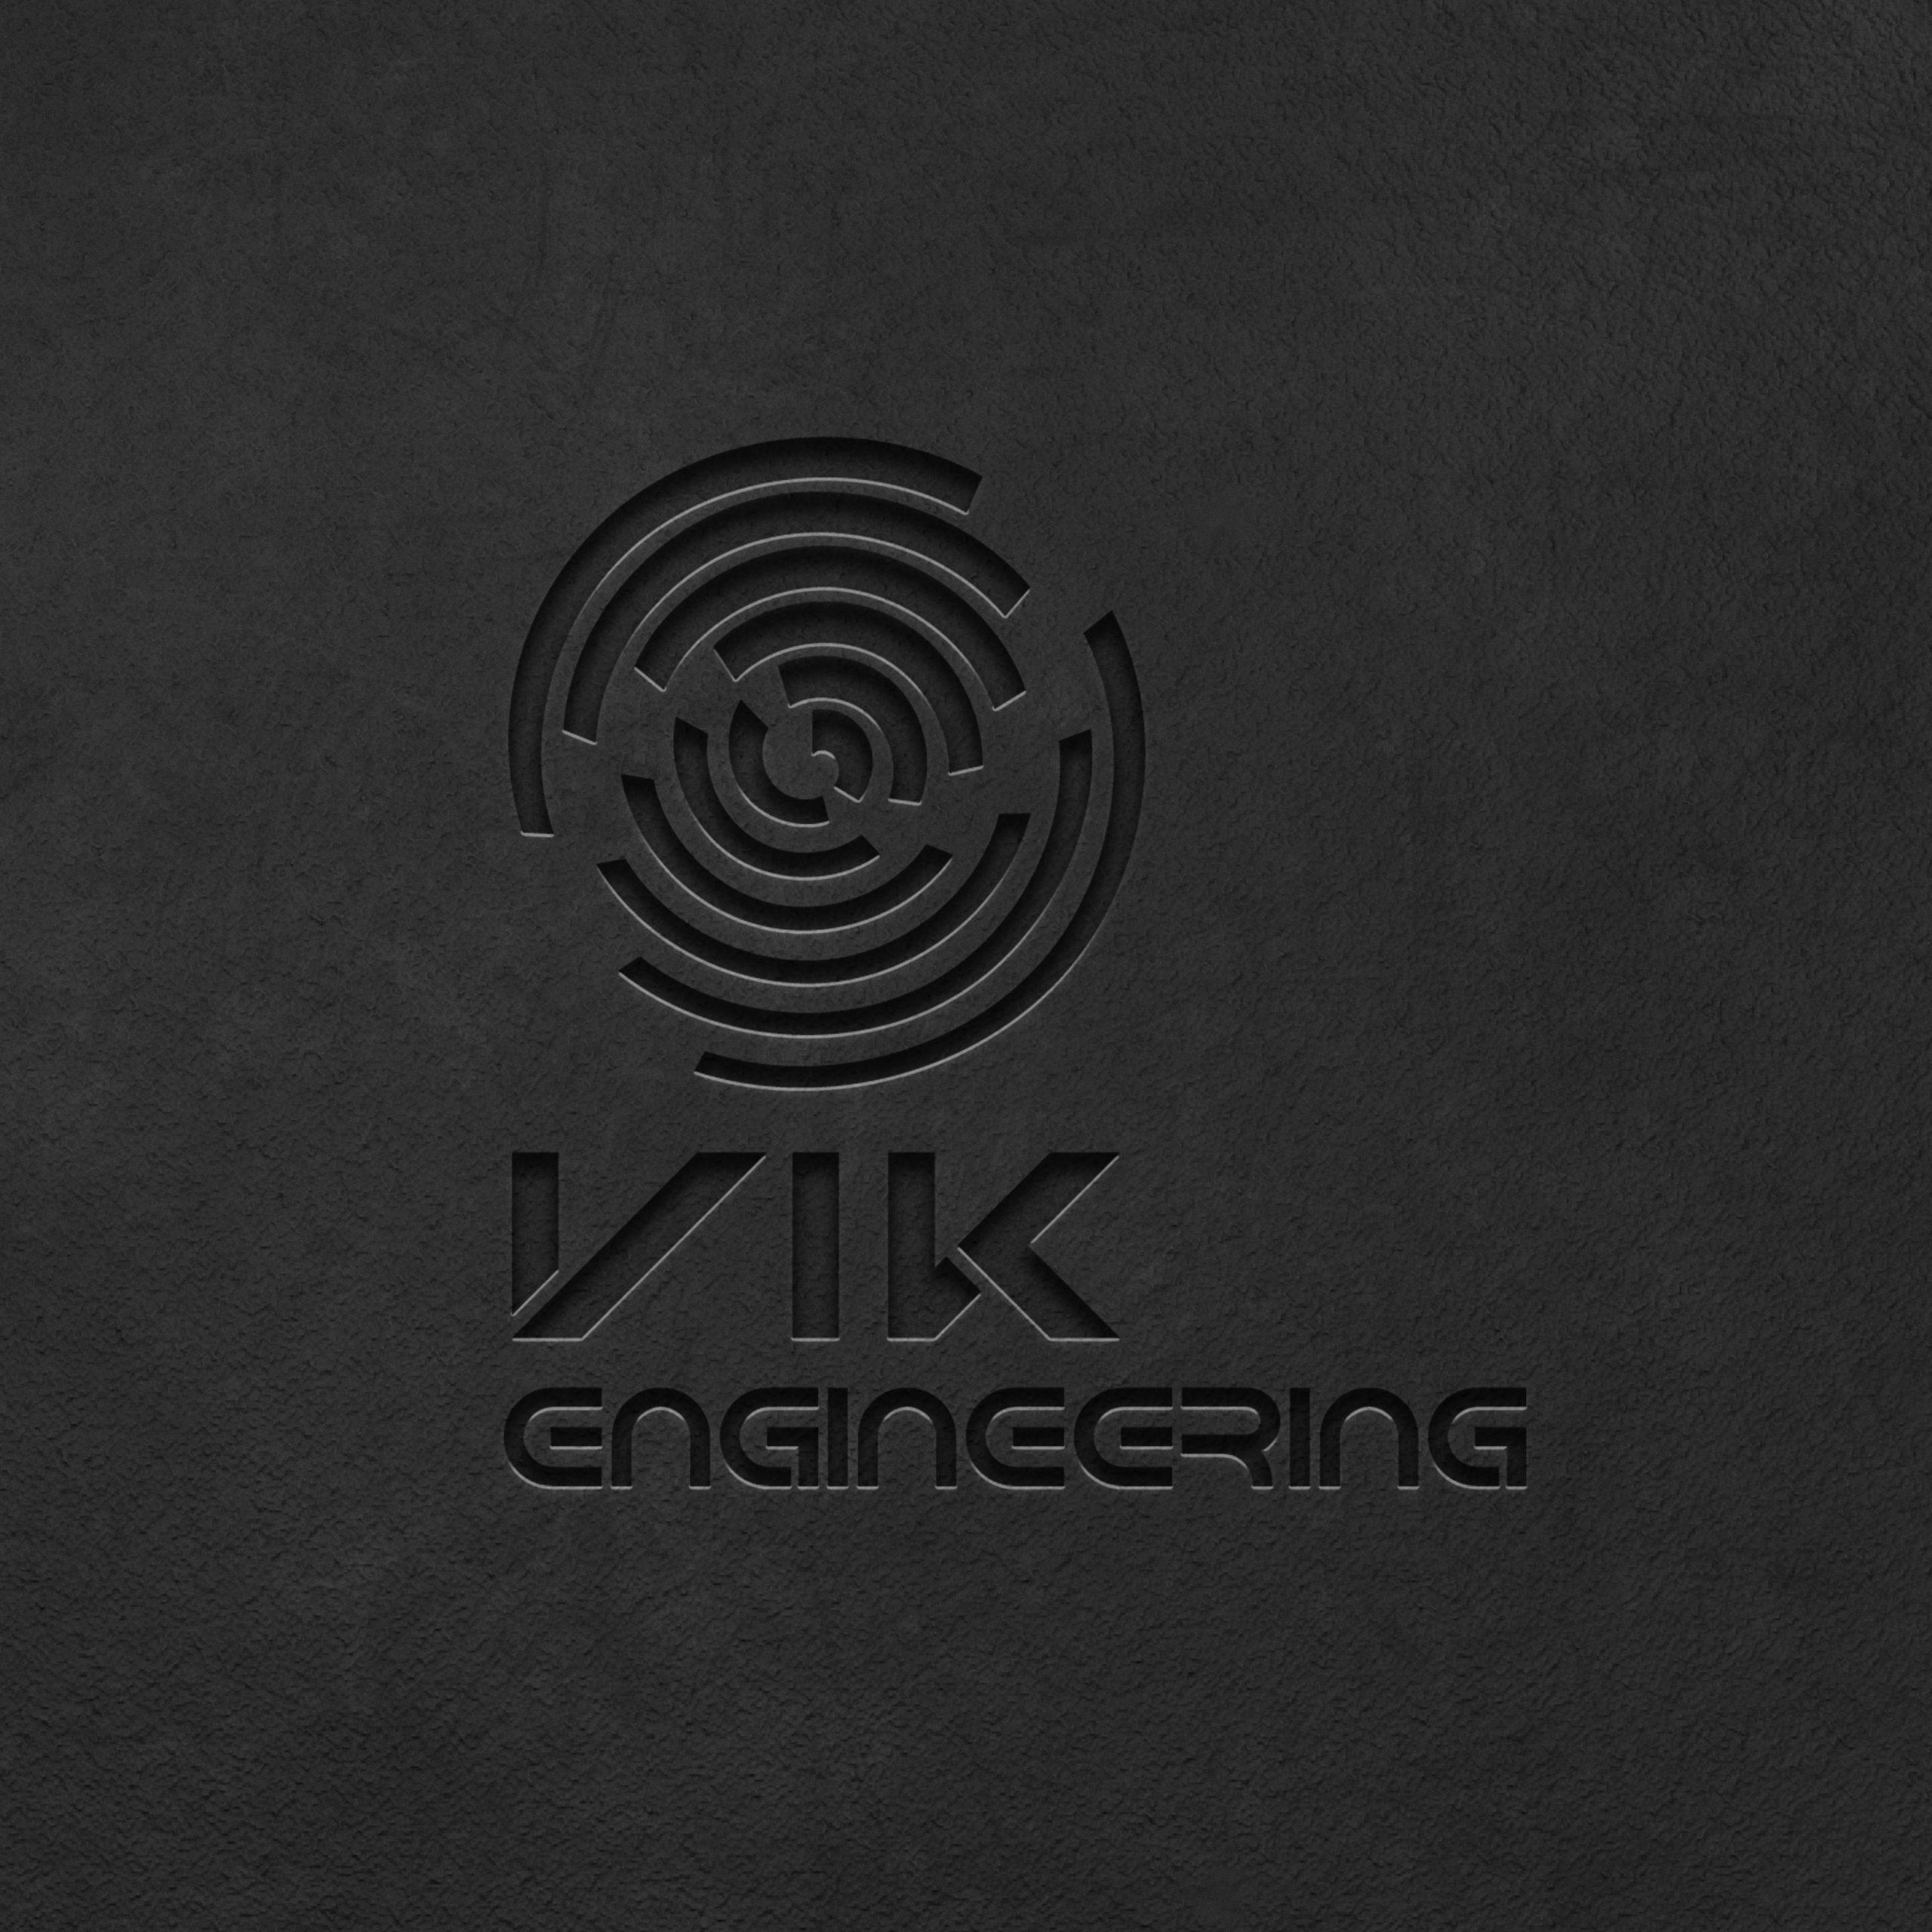 Vik Engineering logotype